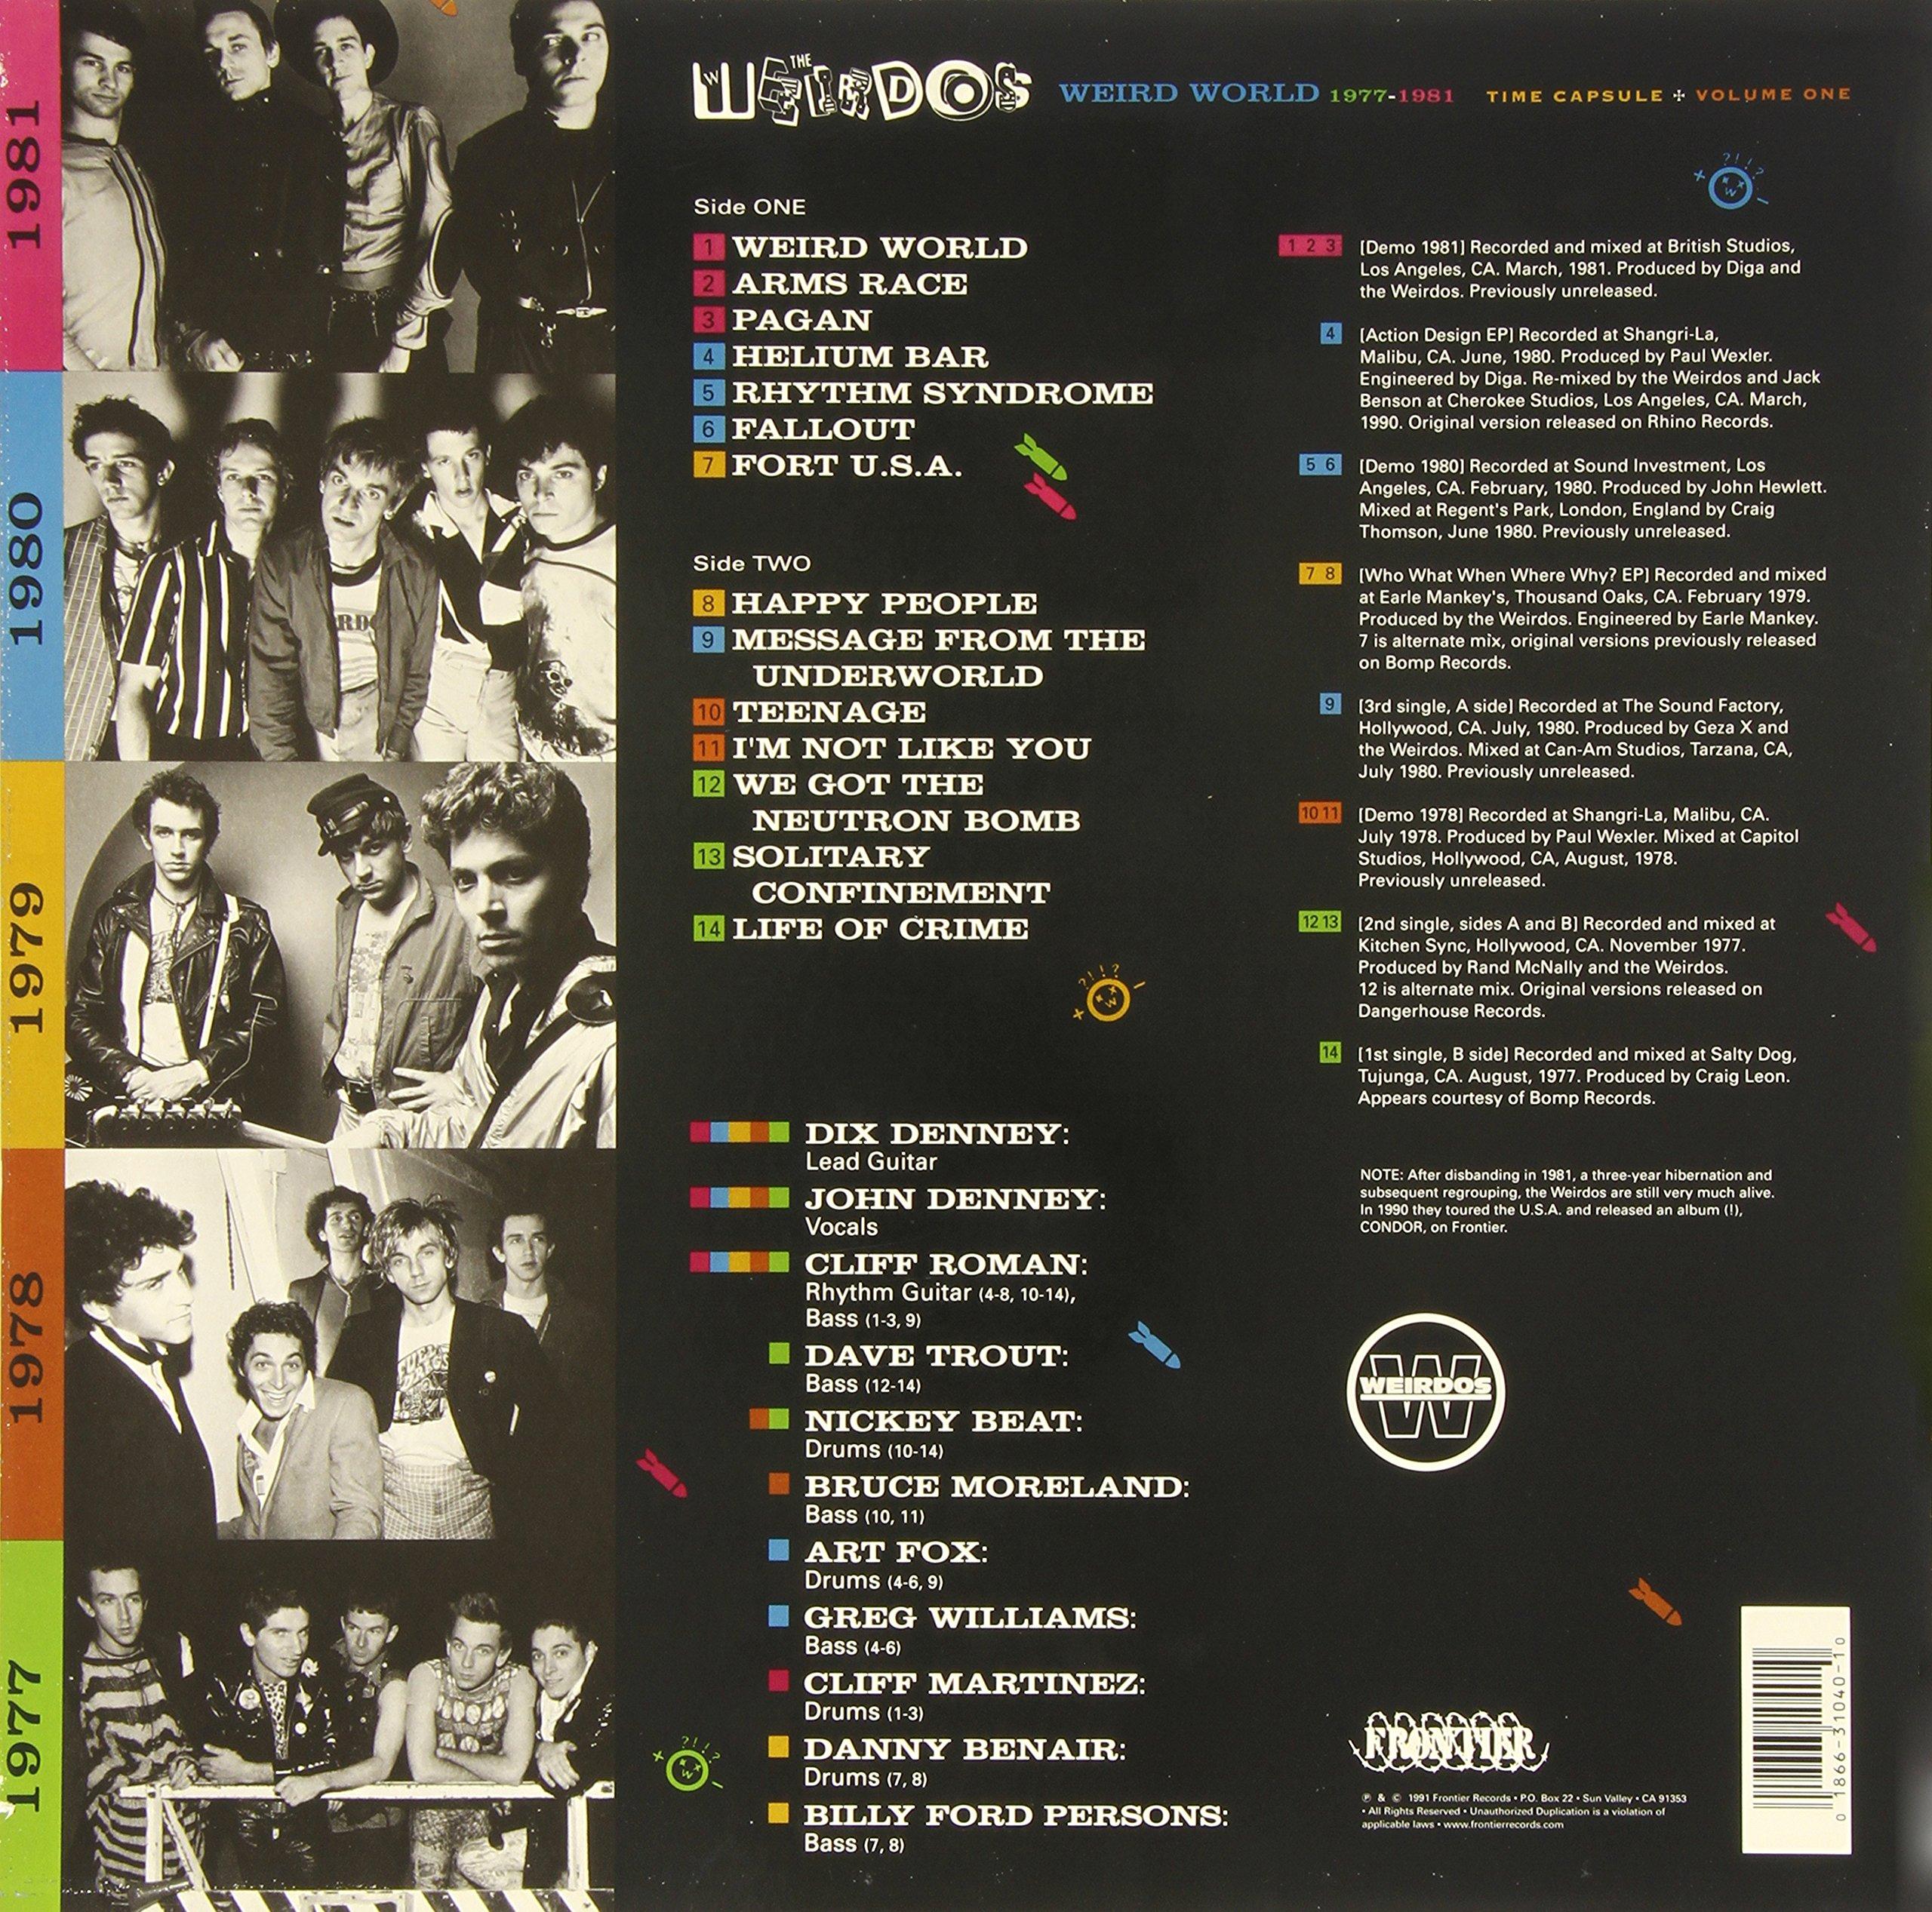 Vol. 1-Weird World [Vinyl]